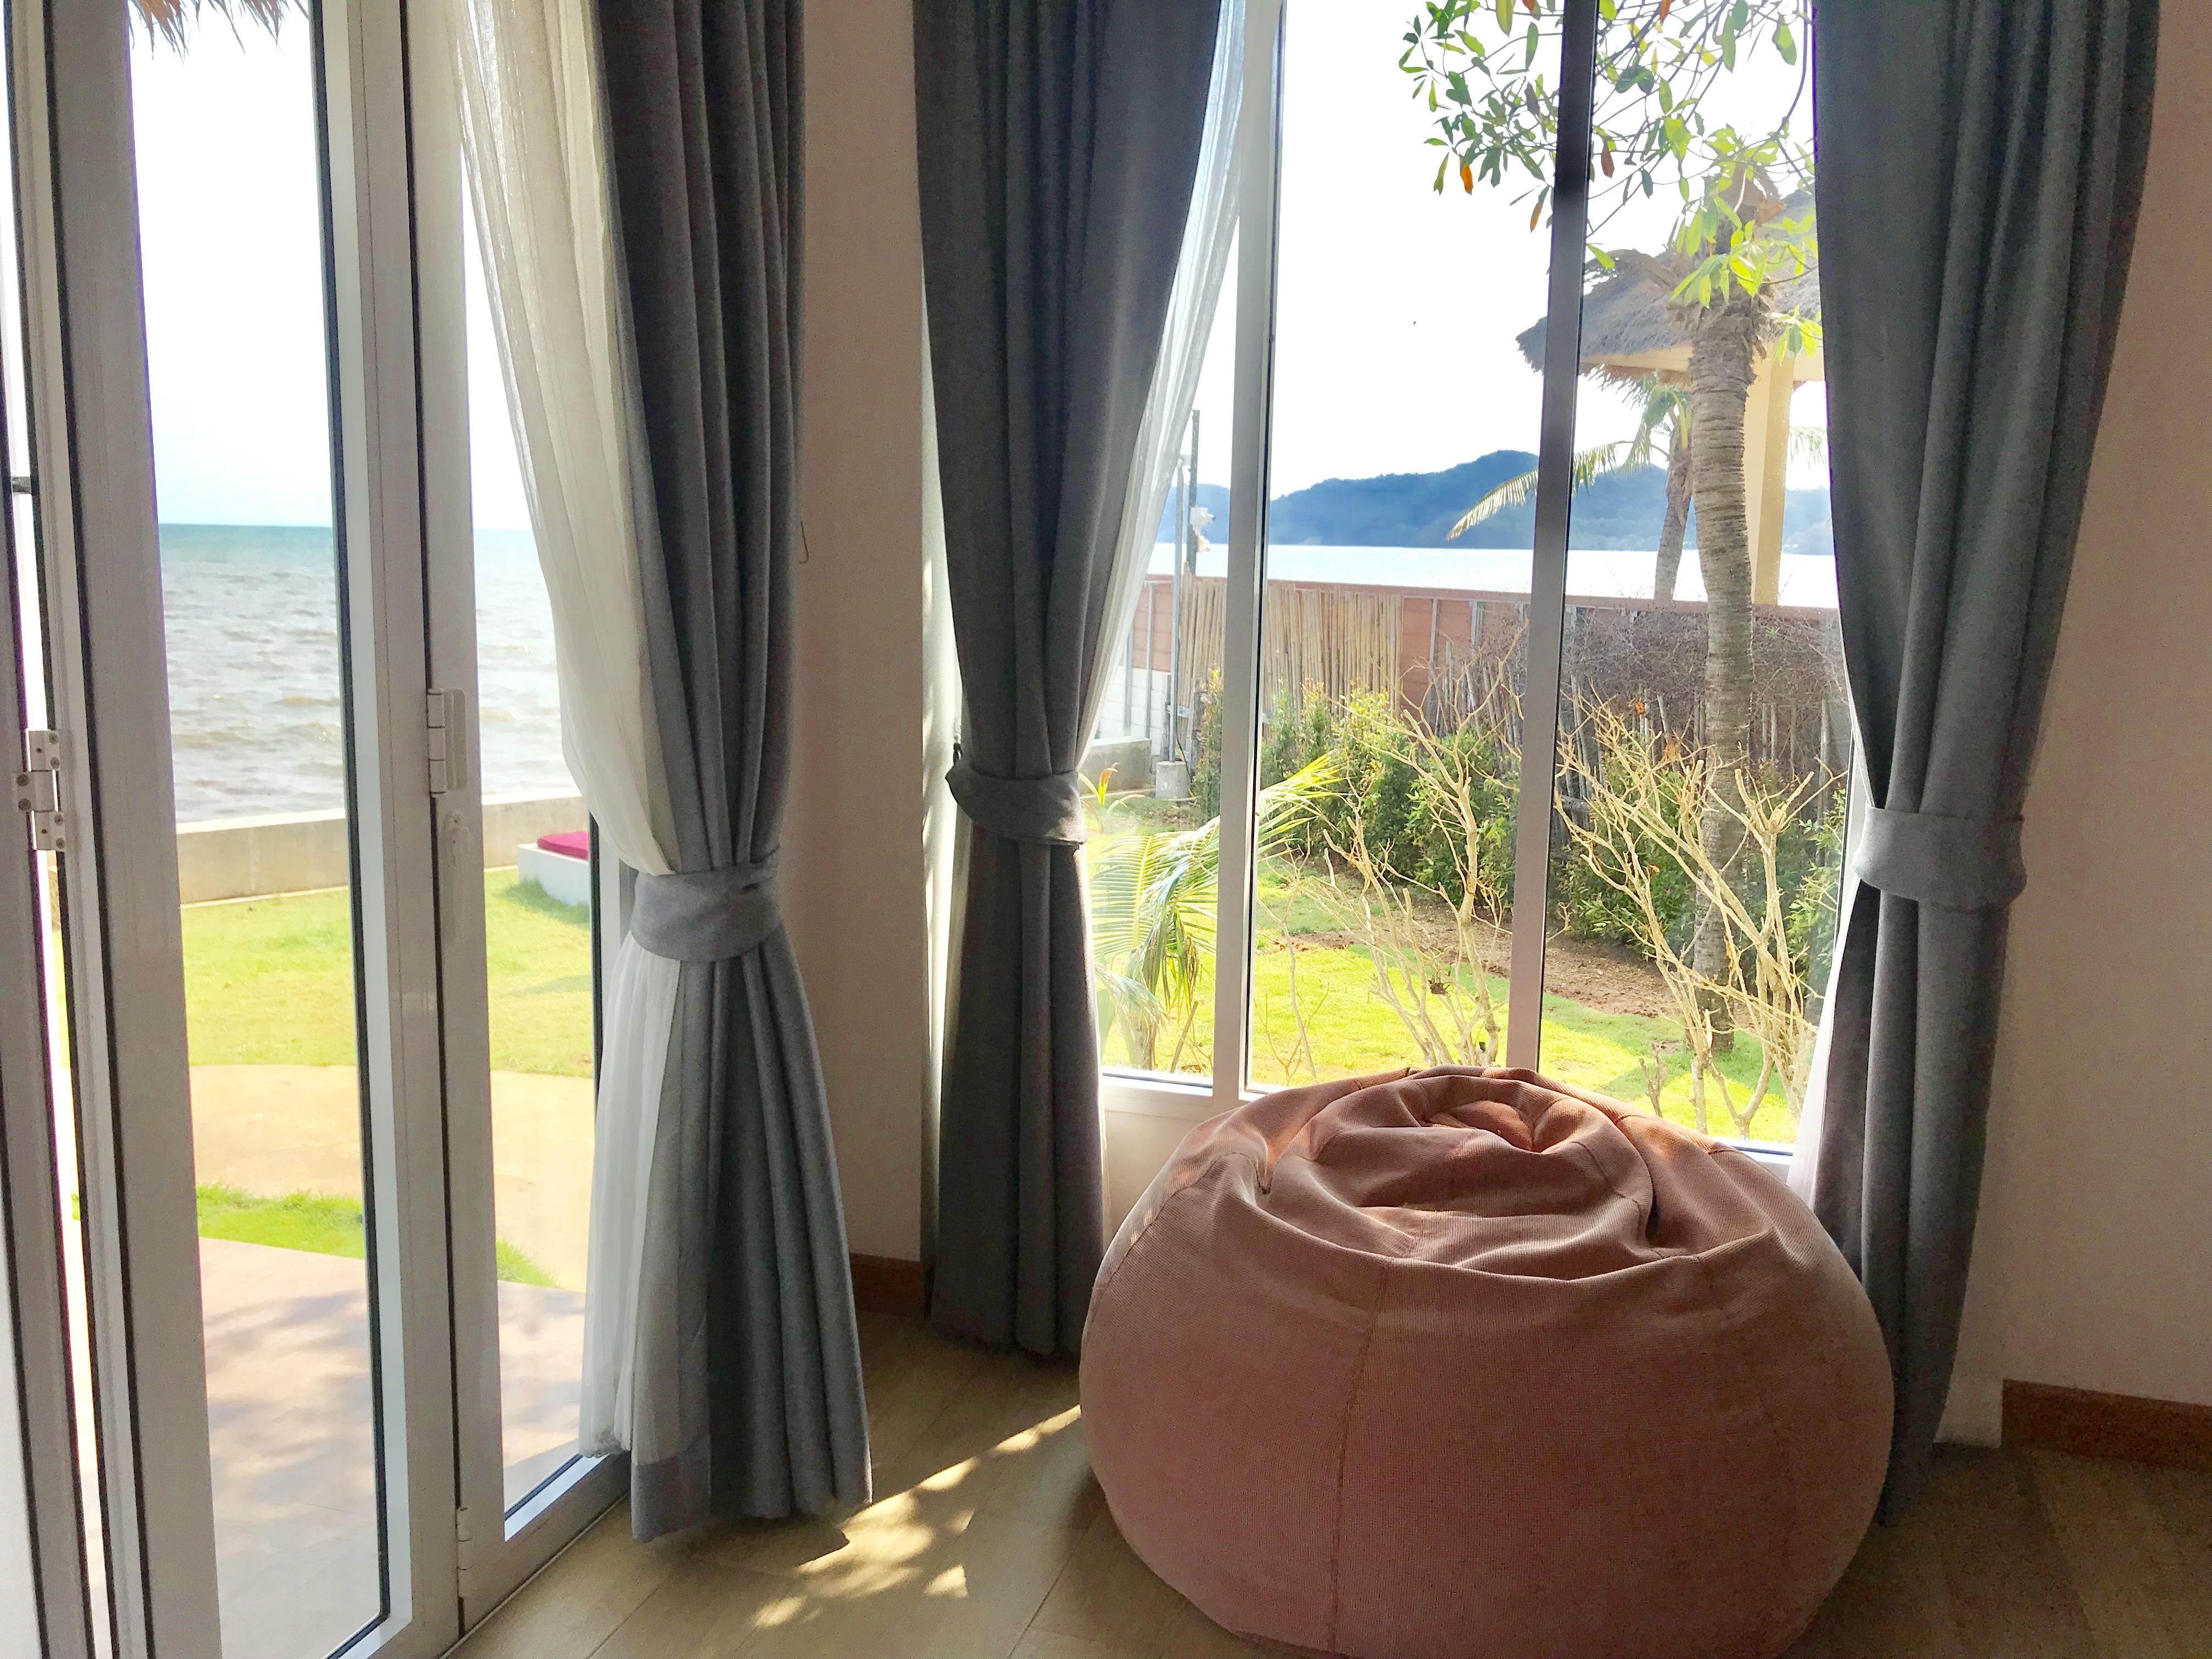 シー ココ リゾート (Sea Coco Resort)